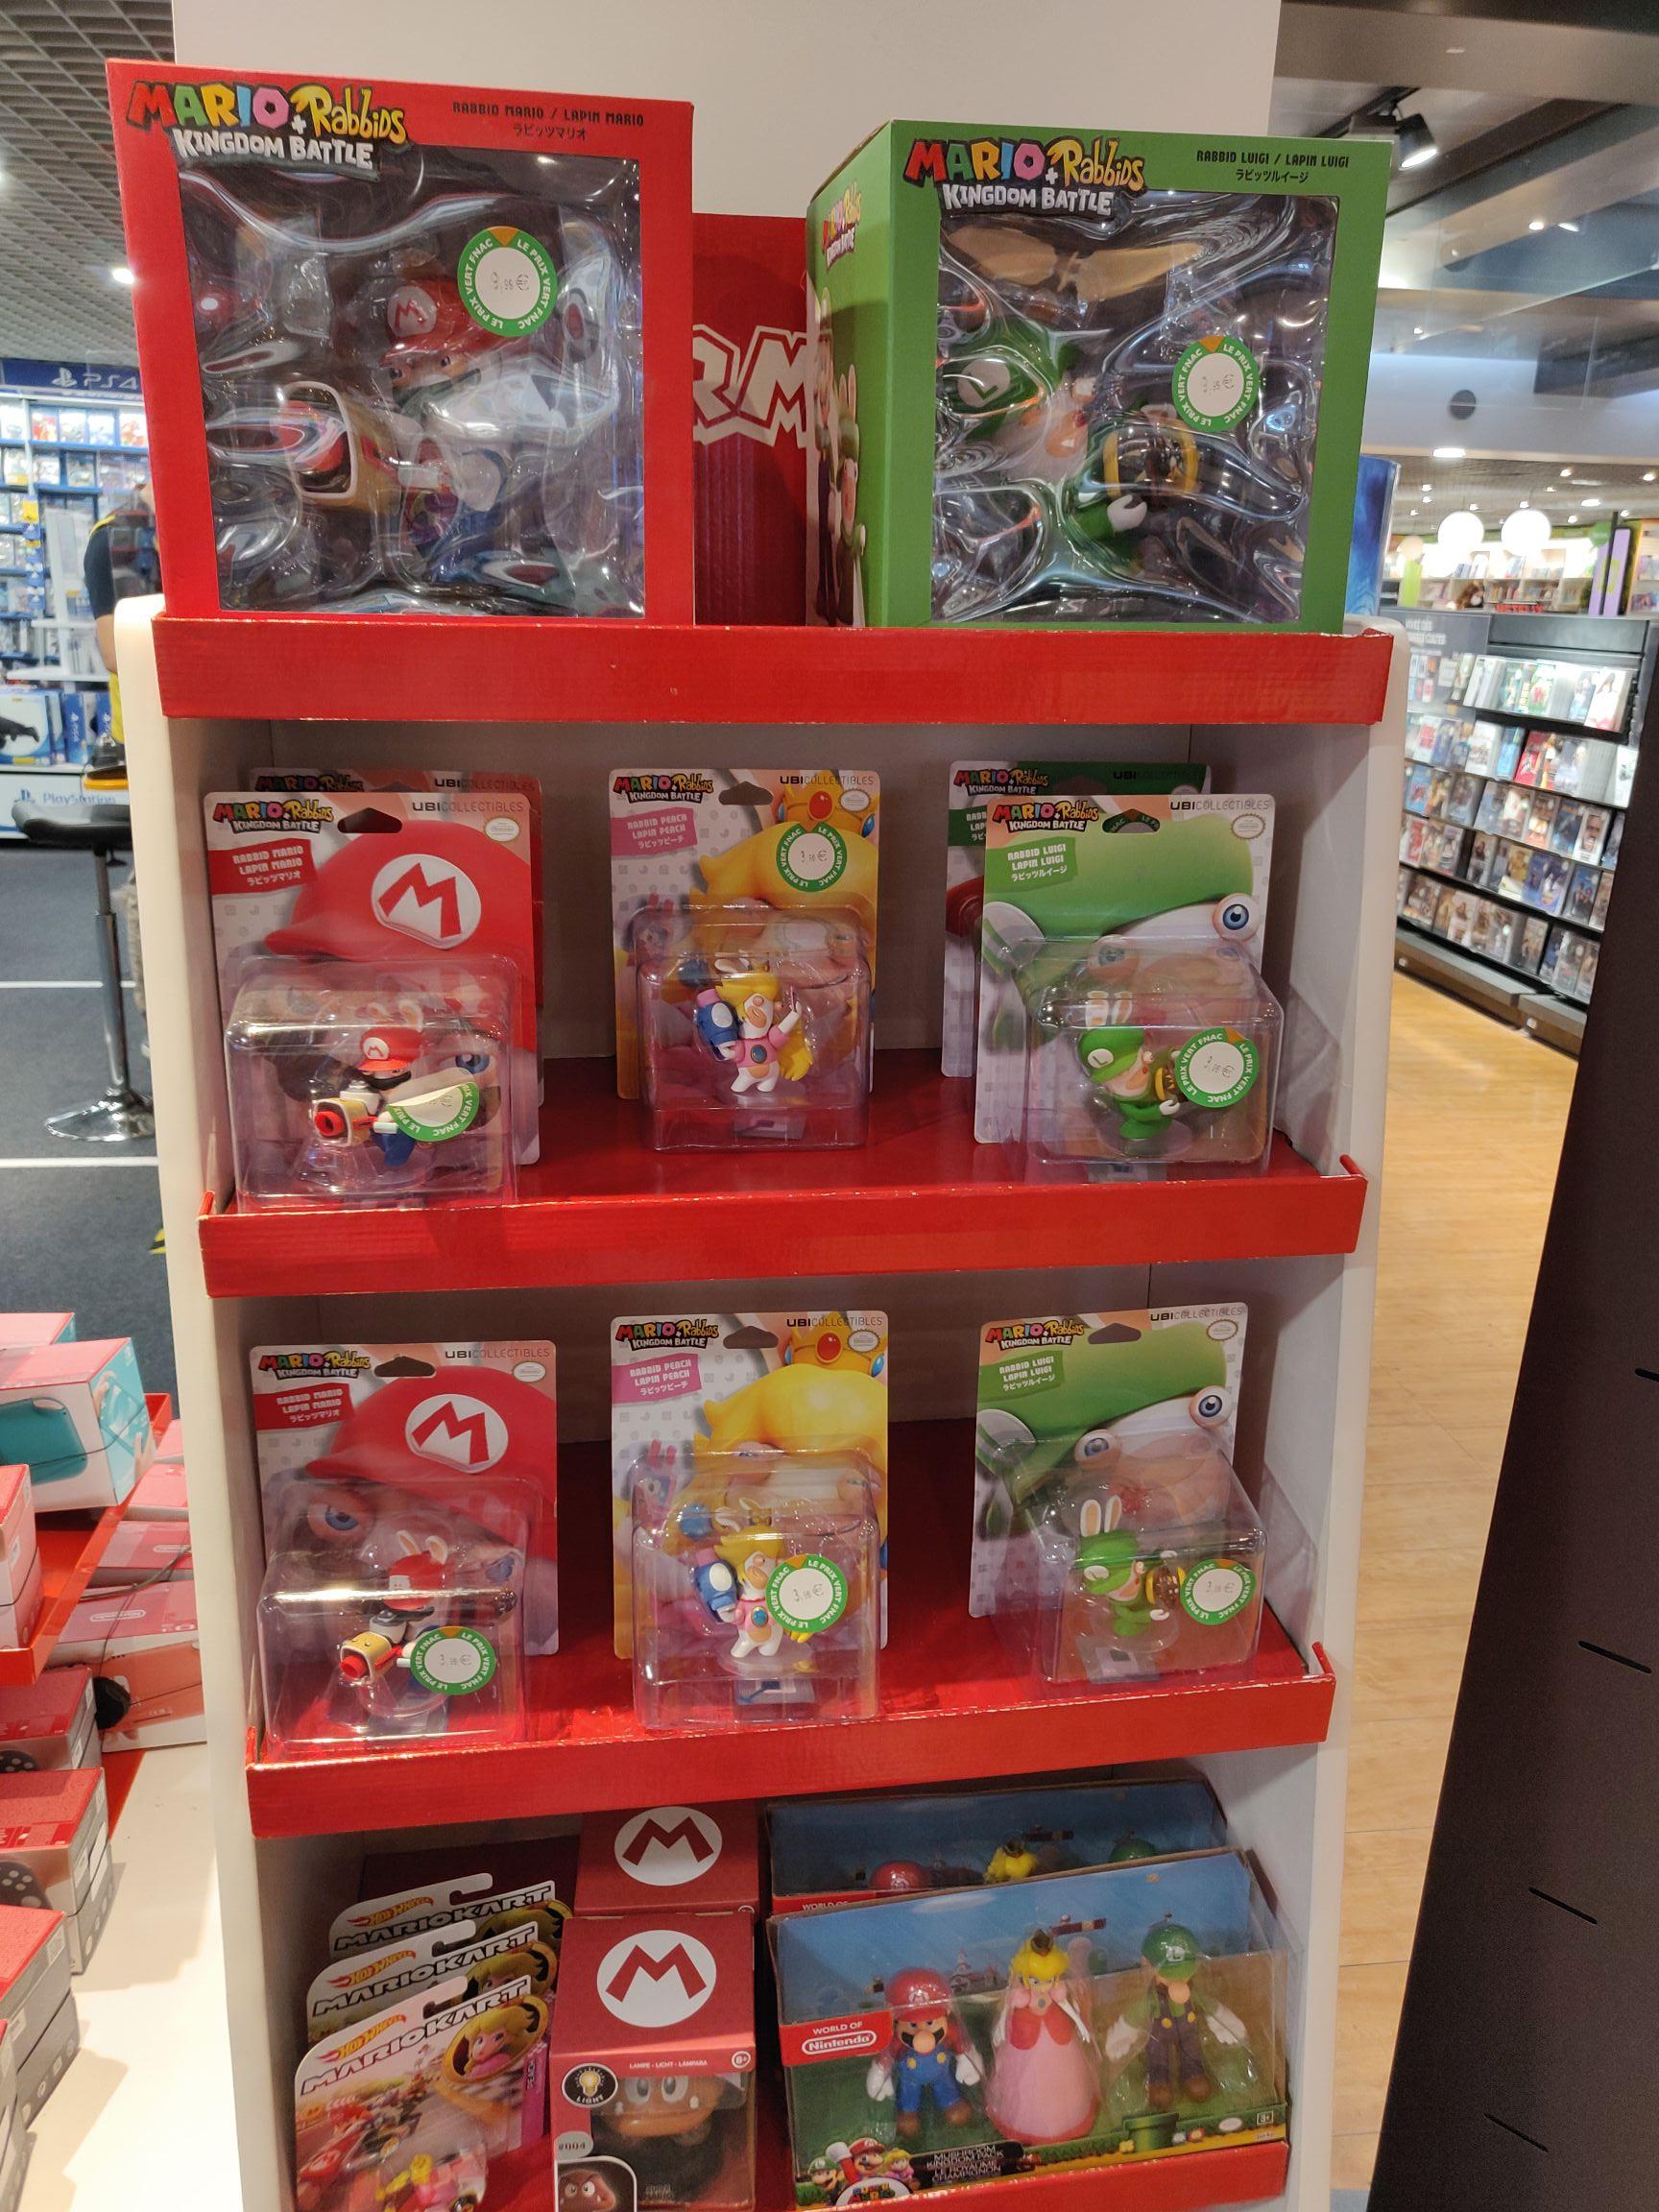 Sélection de figurines Mario + Lapins Crétins Kingdom Battle en promotion - Ex: Figurine 8 cm - Nantes (44)